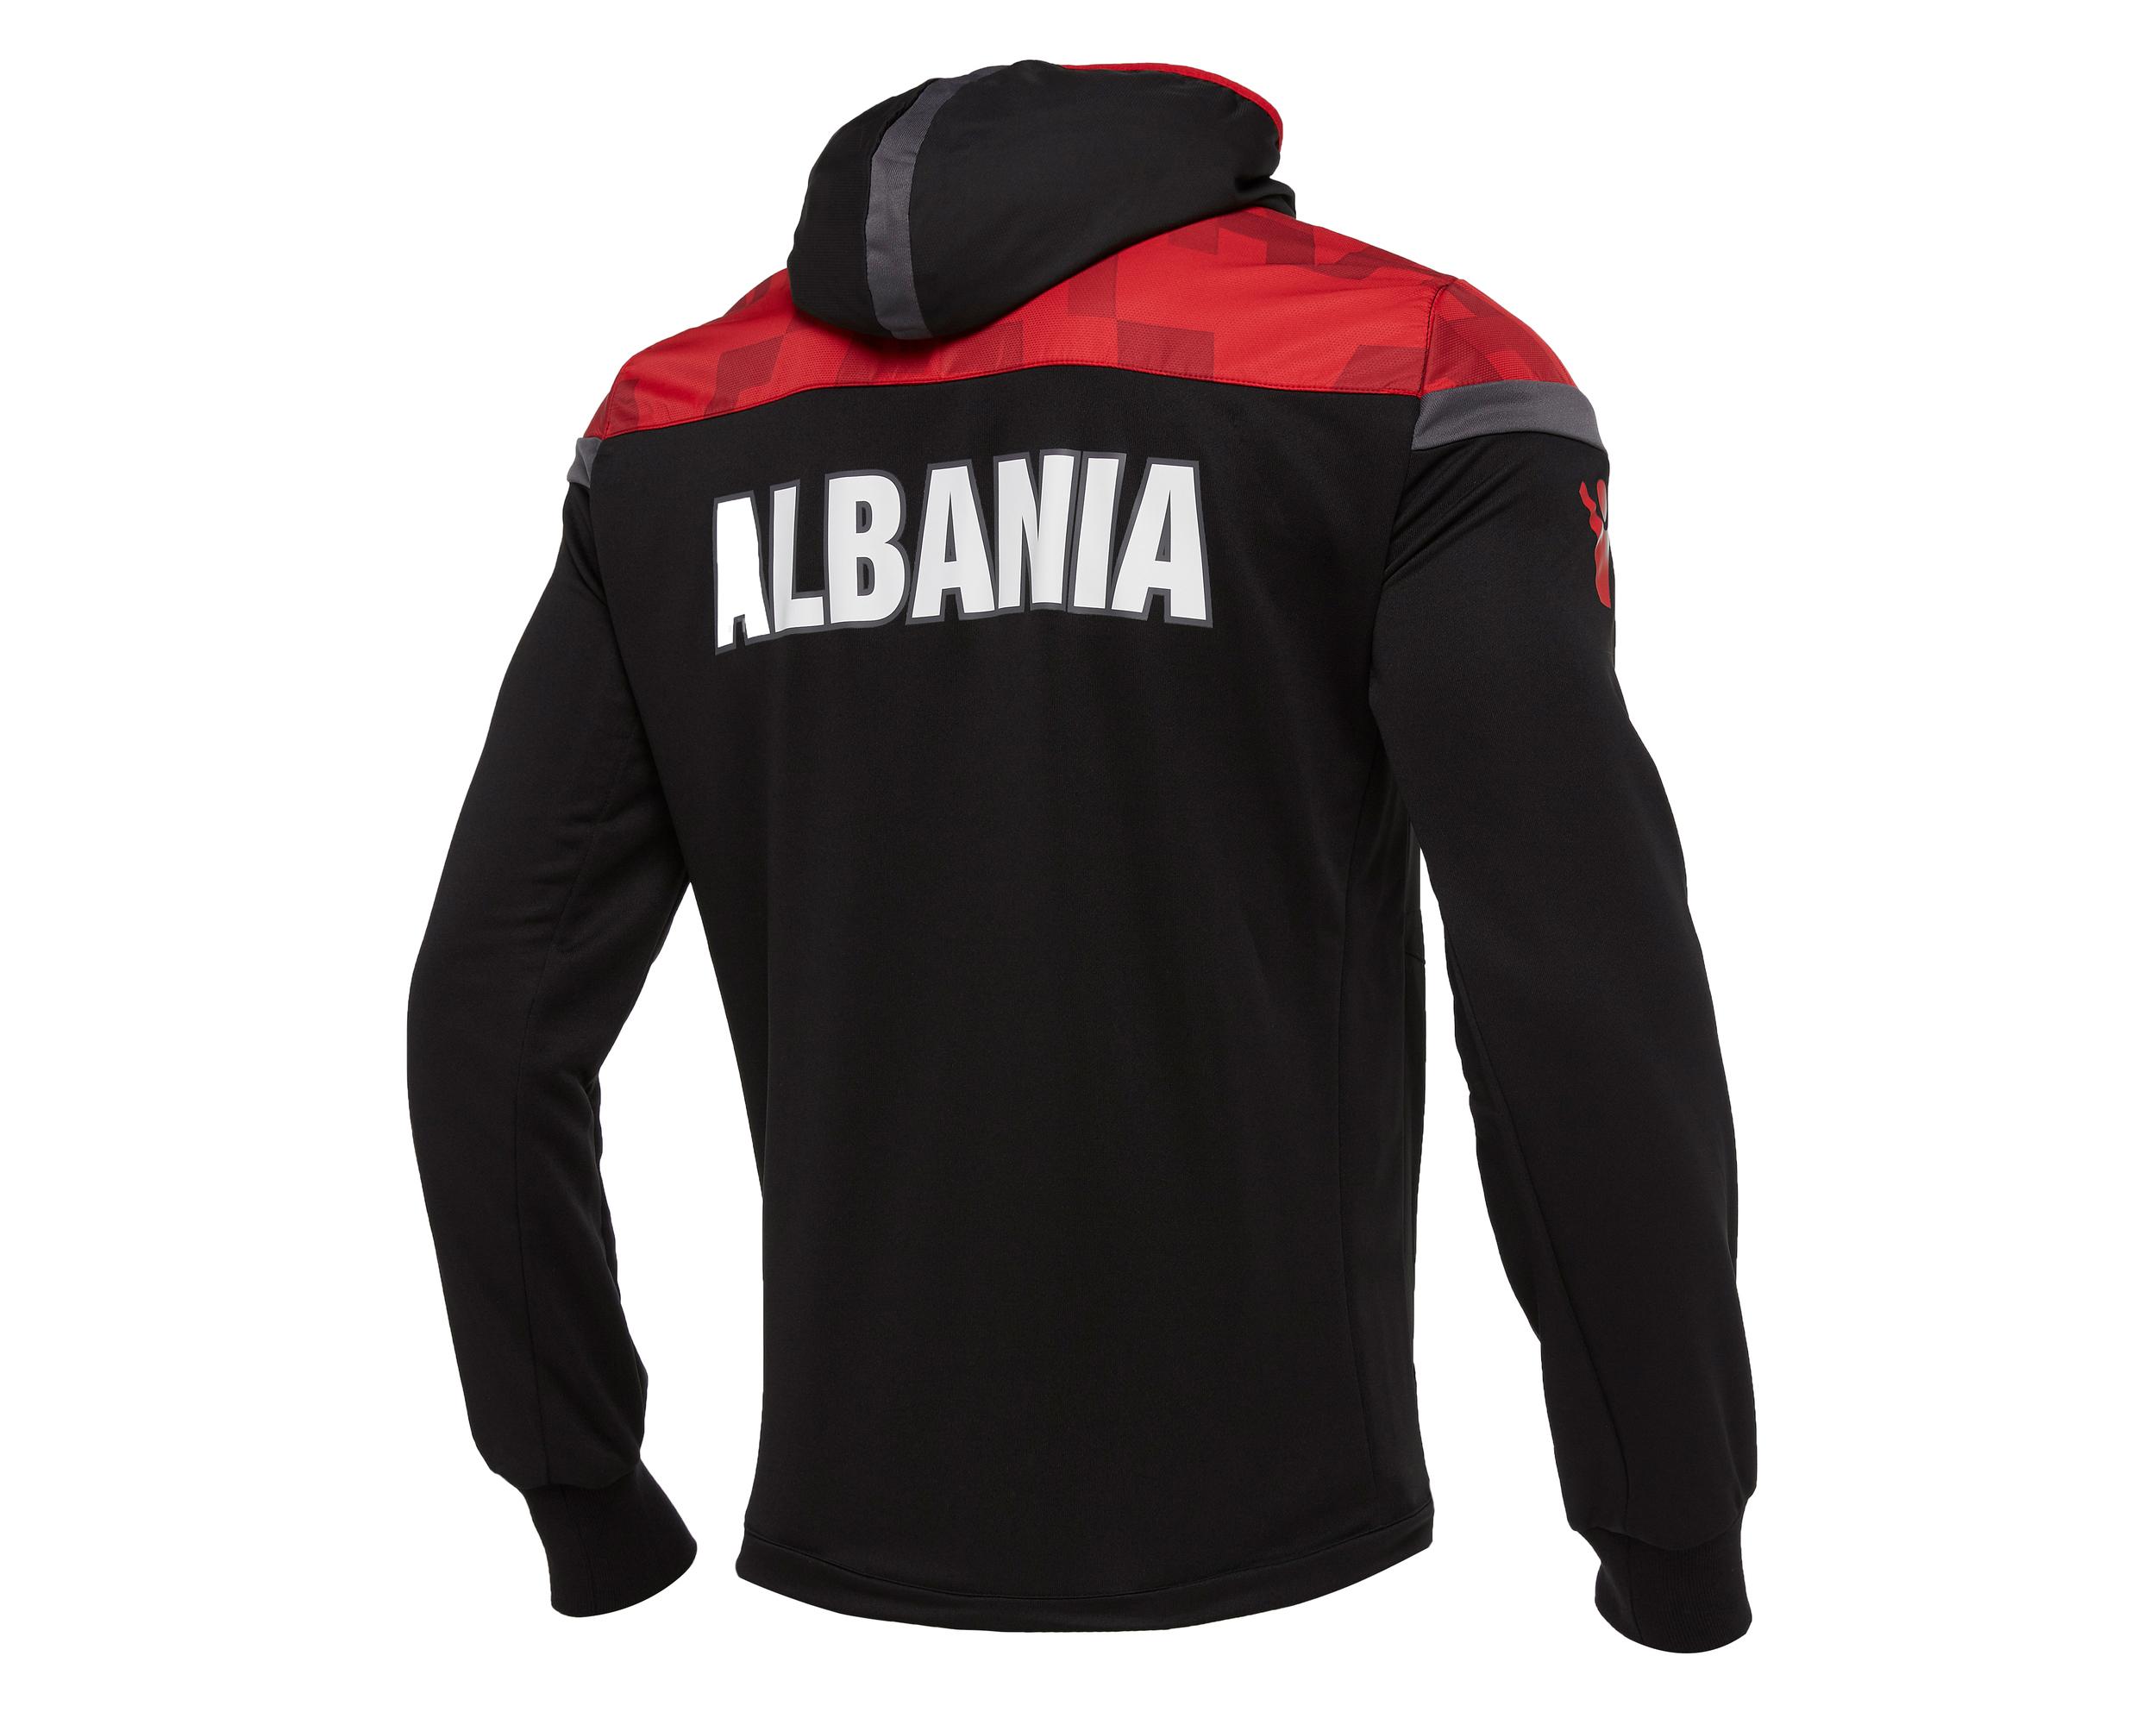 albania-anthem-jacket-2